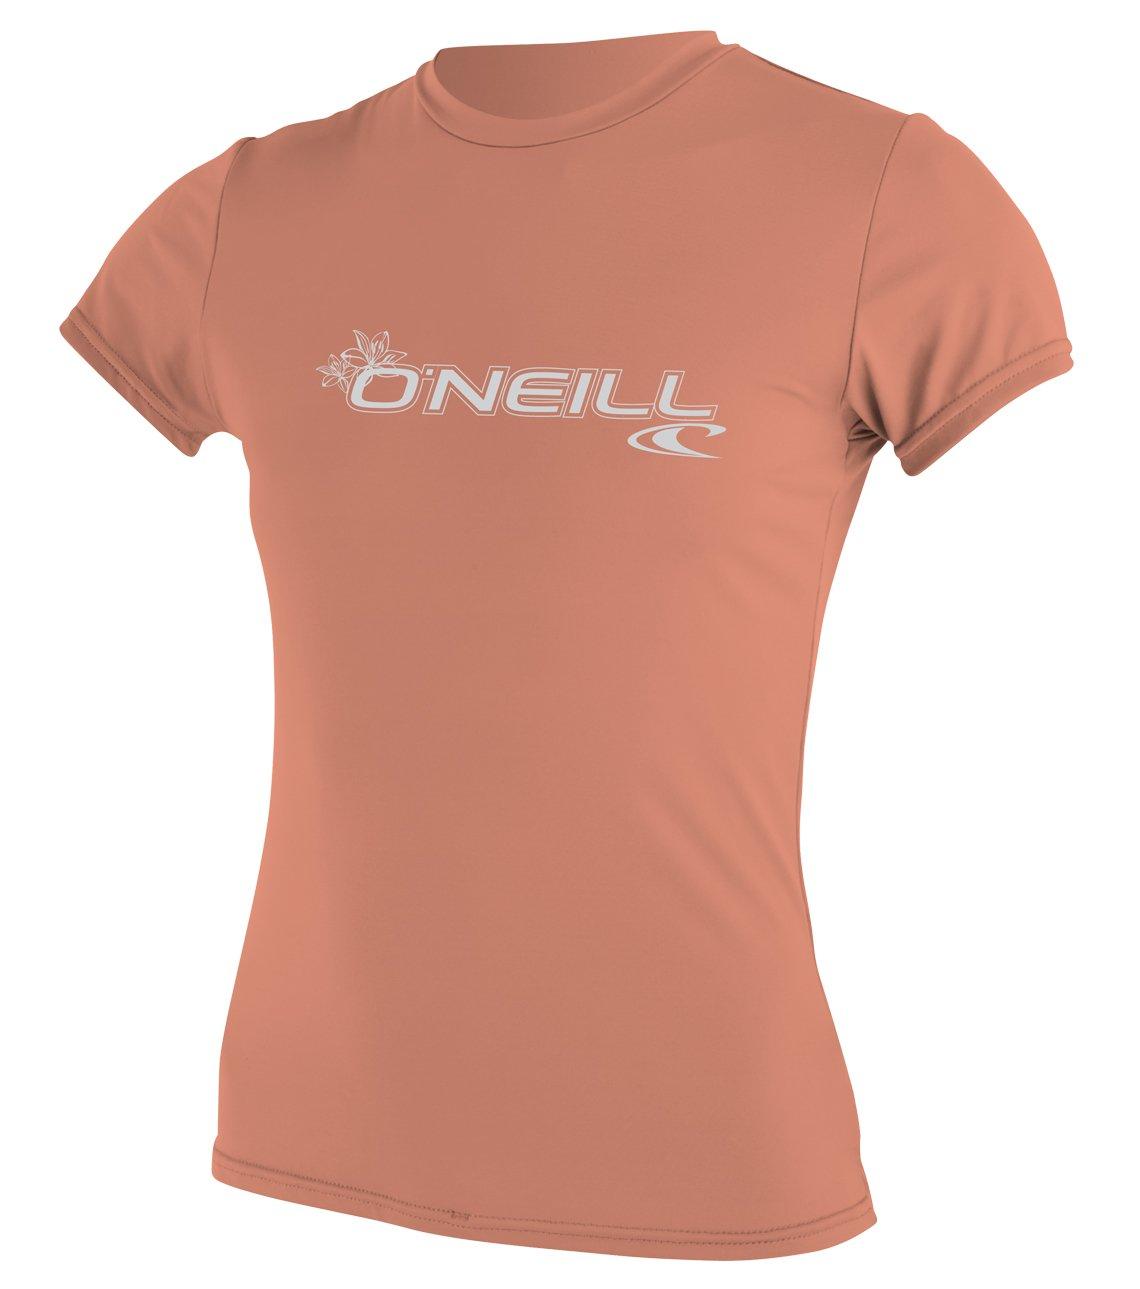 O'Neill Wetsuits Women's Basic Skins Upf 50+ Short Sleeve Sun Shirt, Light Grapefruit, X-Small